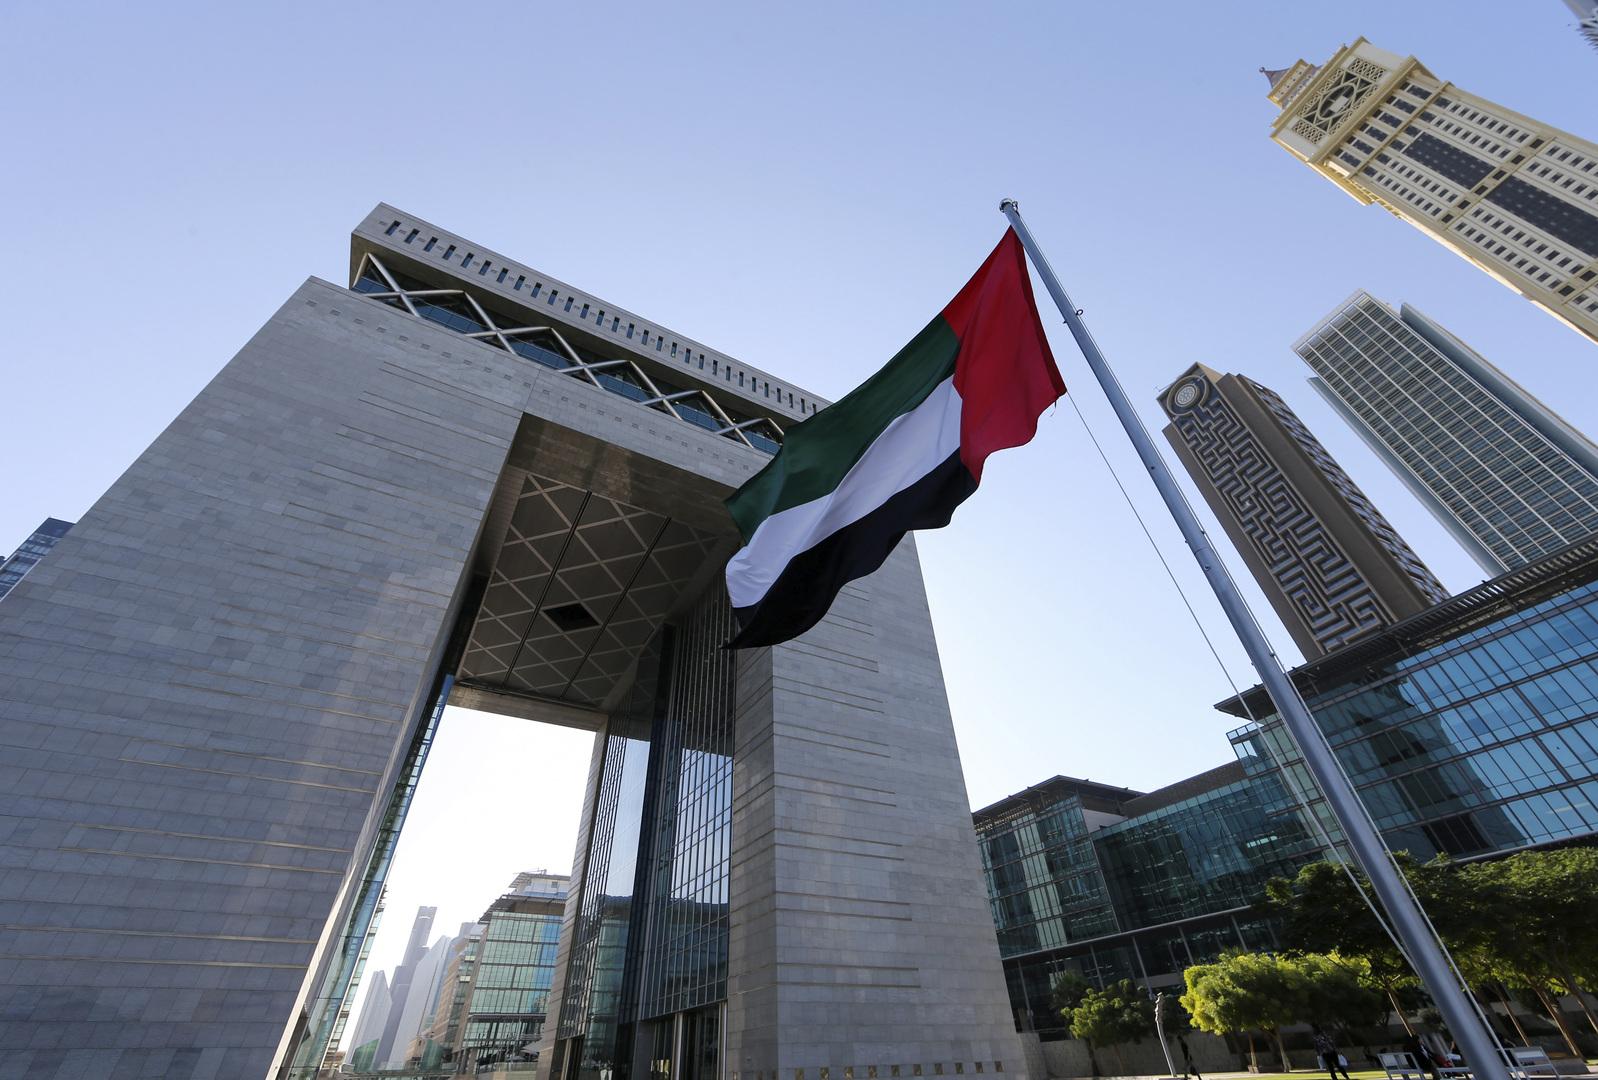 الإمارات تعلن عن مجموعة مشاريع مشتركة مع إسرائيل لمكافحة فيروس كورونا